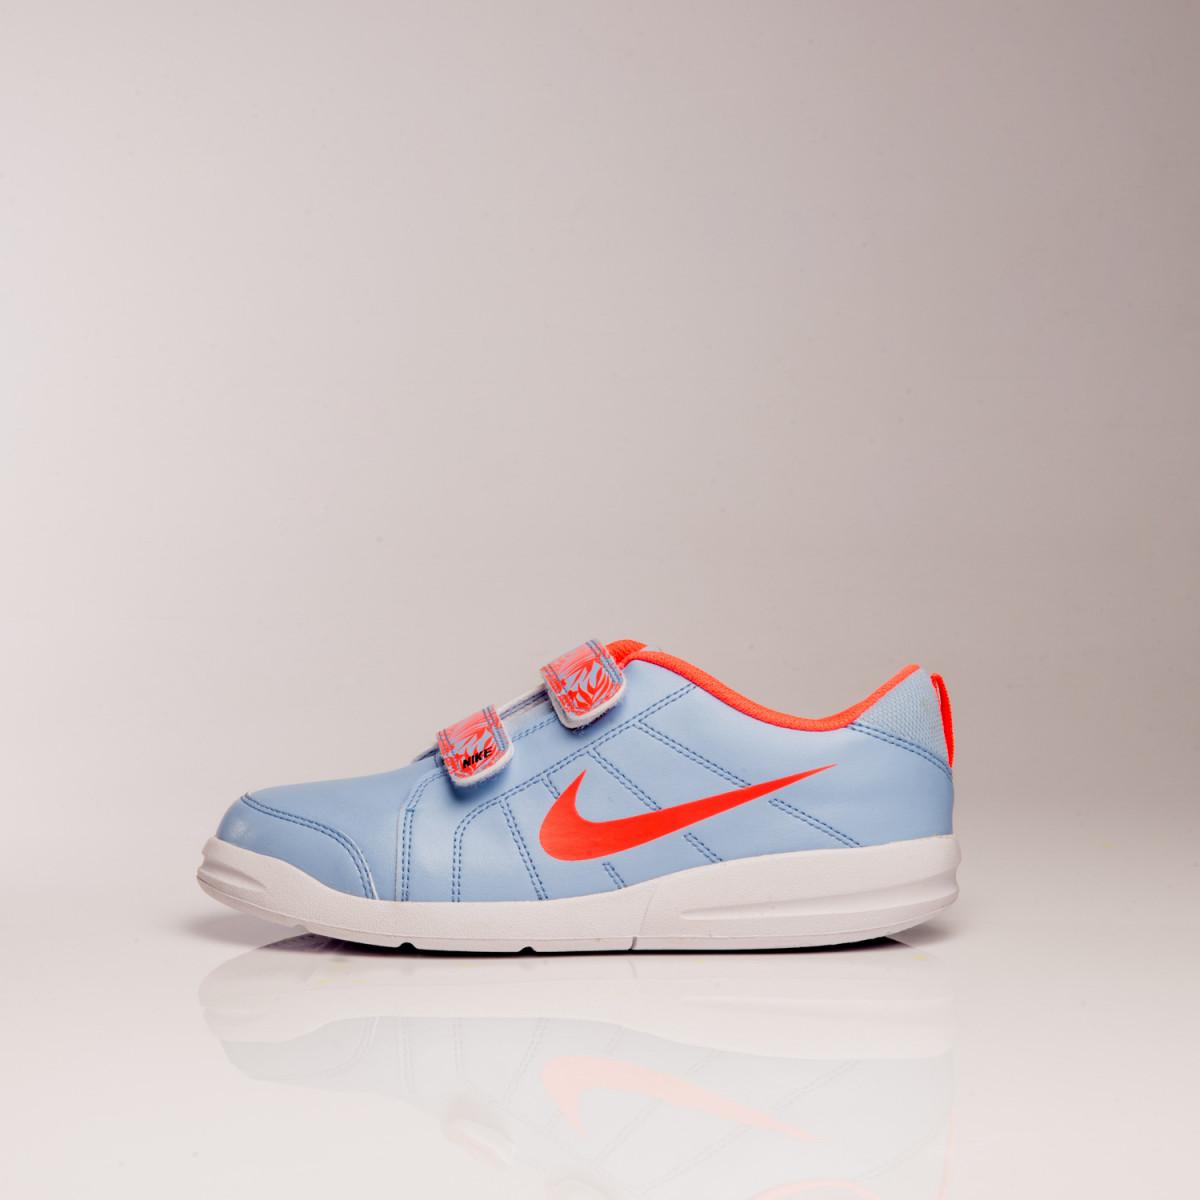 Zapatillas Nike Pico Lt Psv